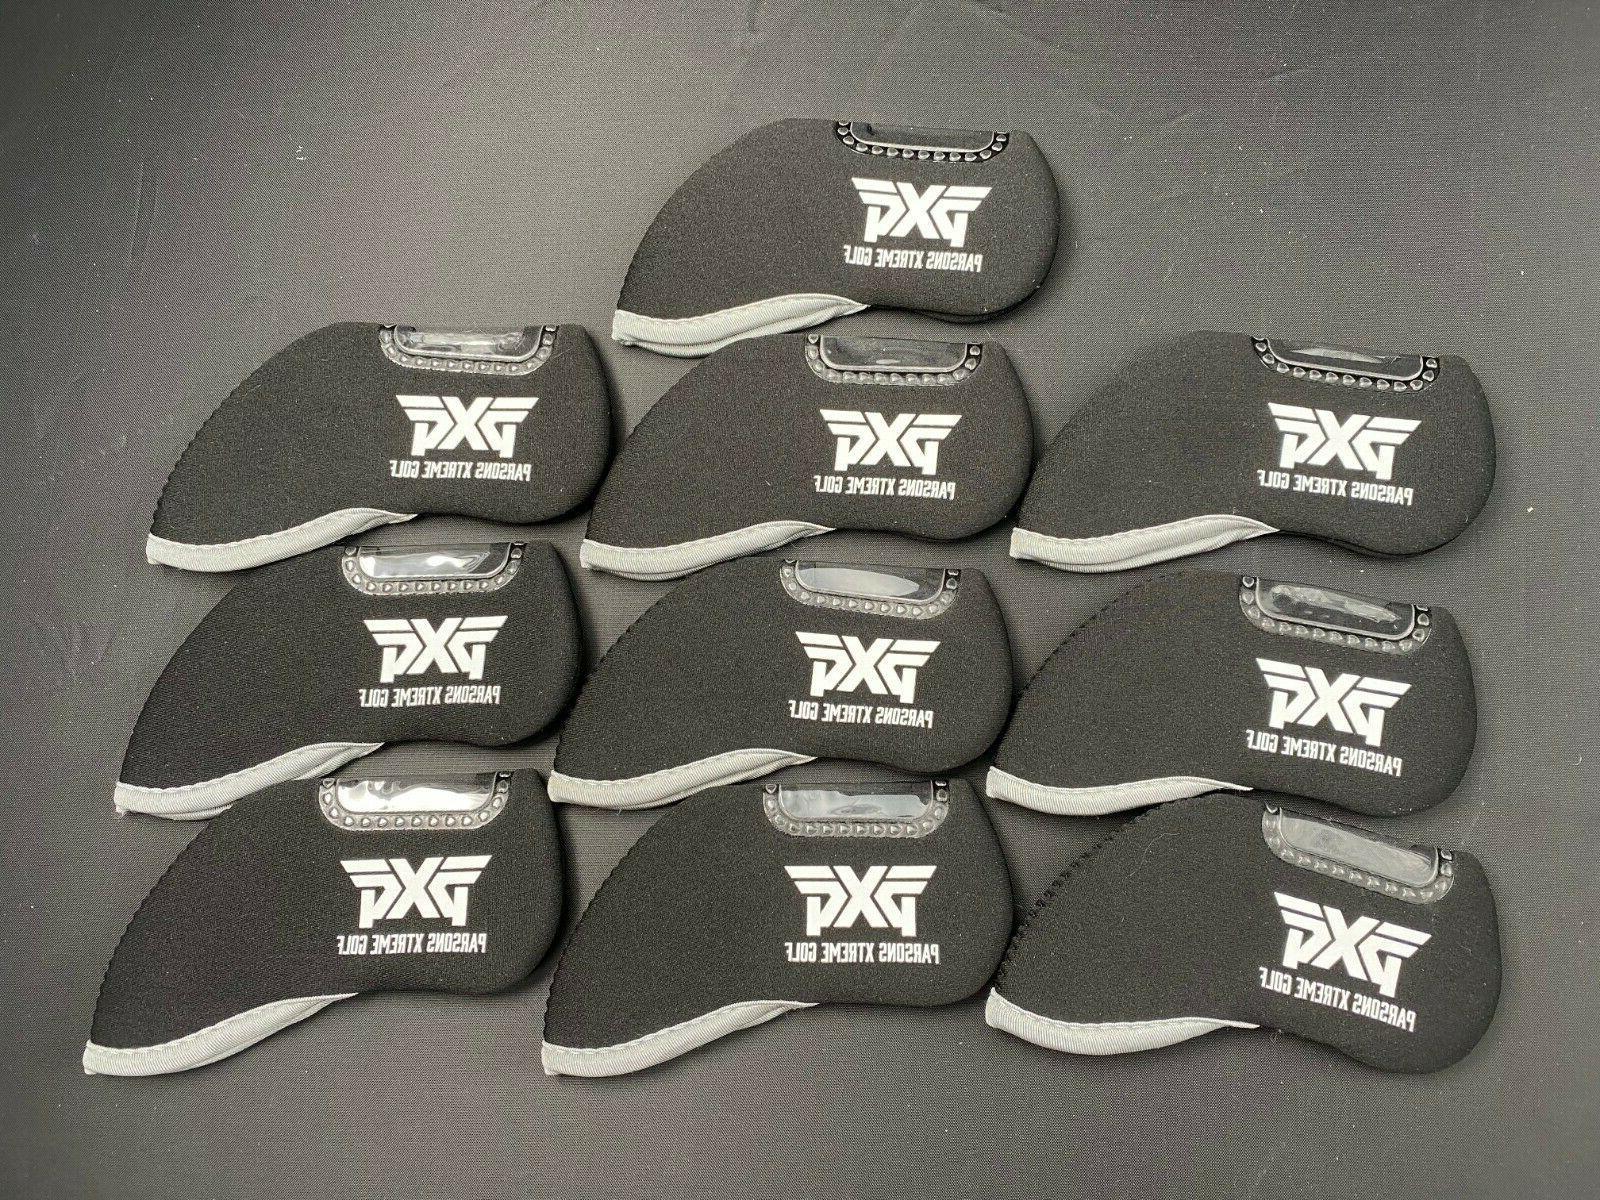 brand new pxg neoprene iron covers 10